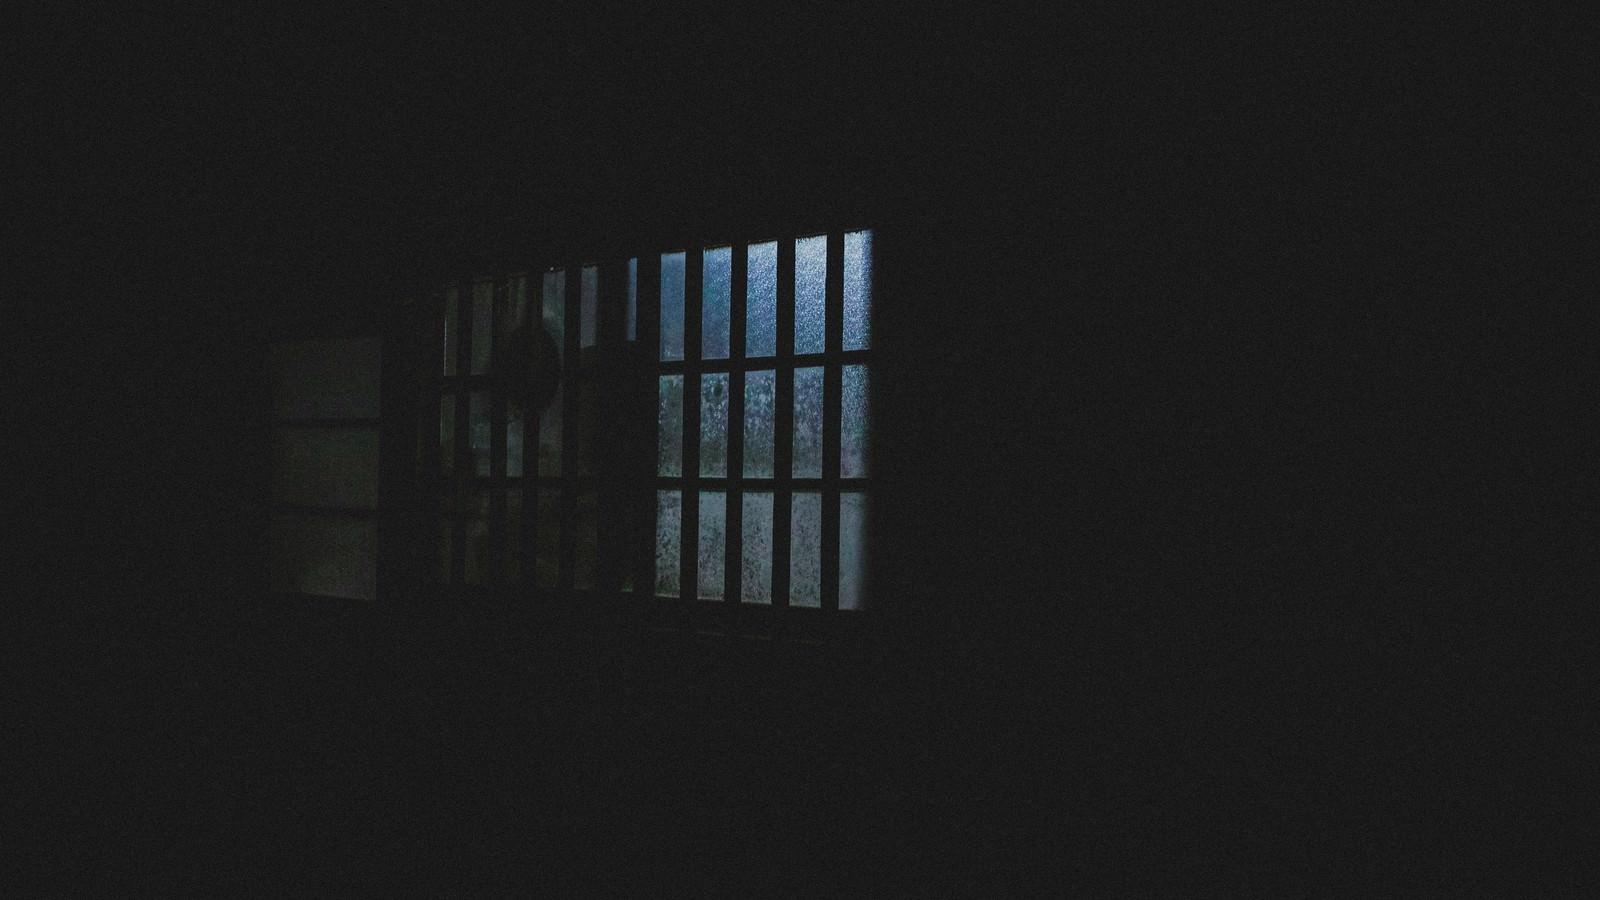 「深夜、眠らない隣人の窓明かり」の写真